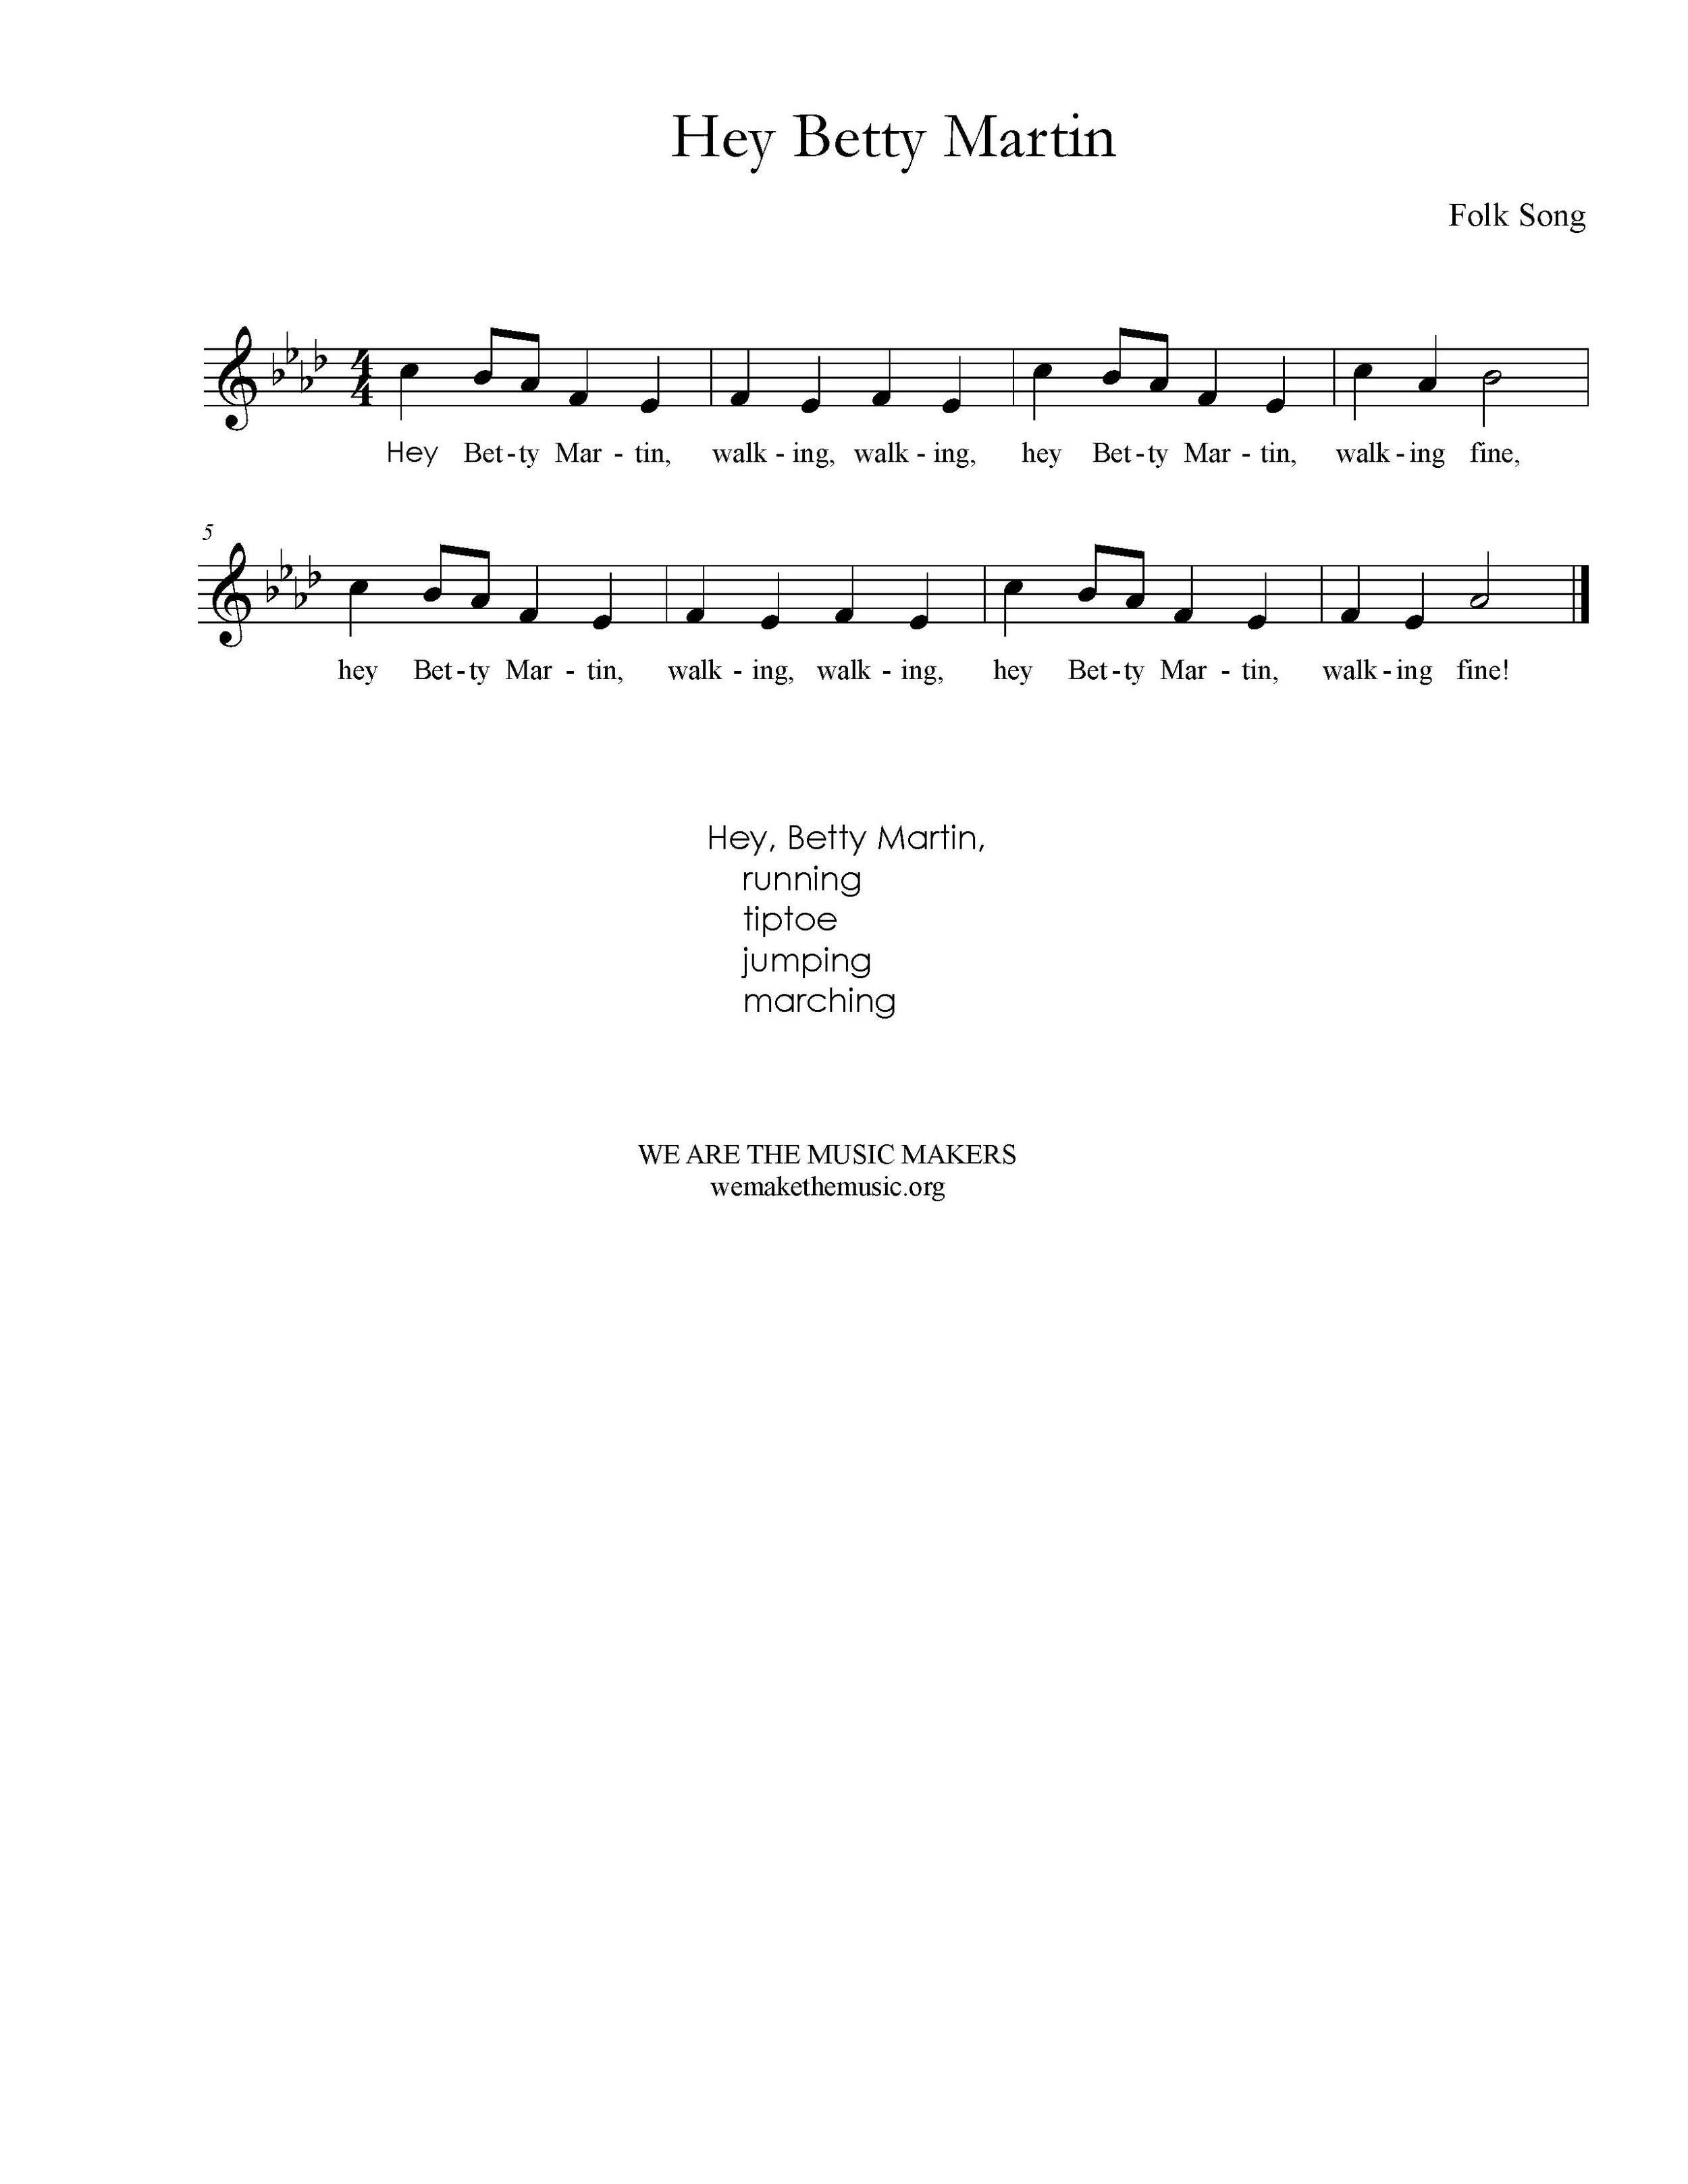 file-page1 2.jpg